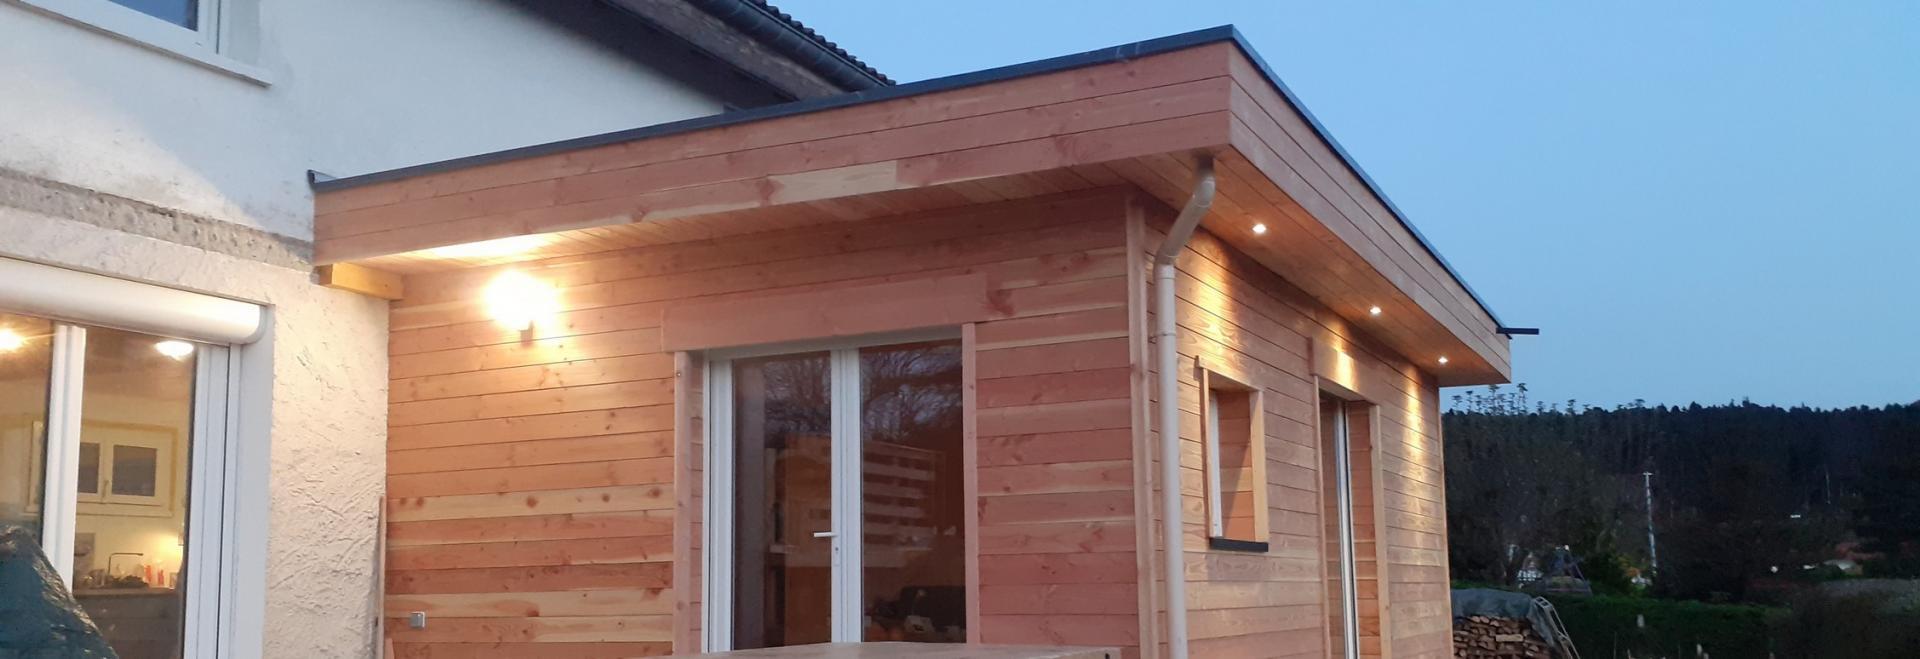 extension d'habitation avec débords de toit